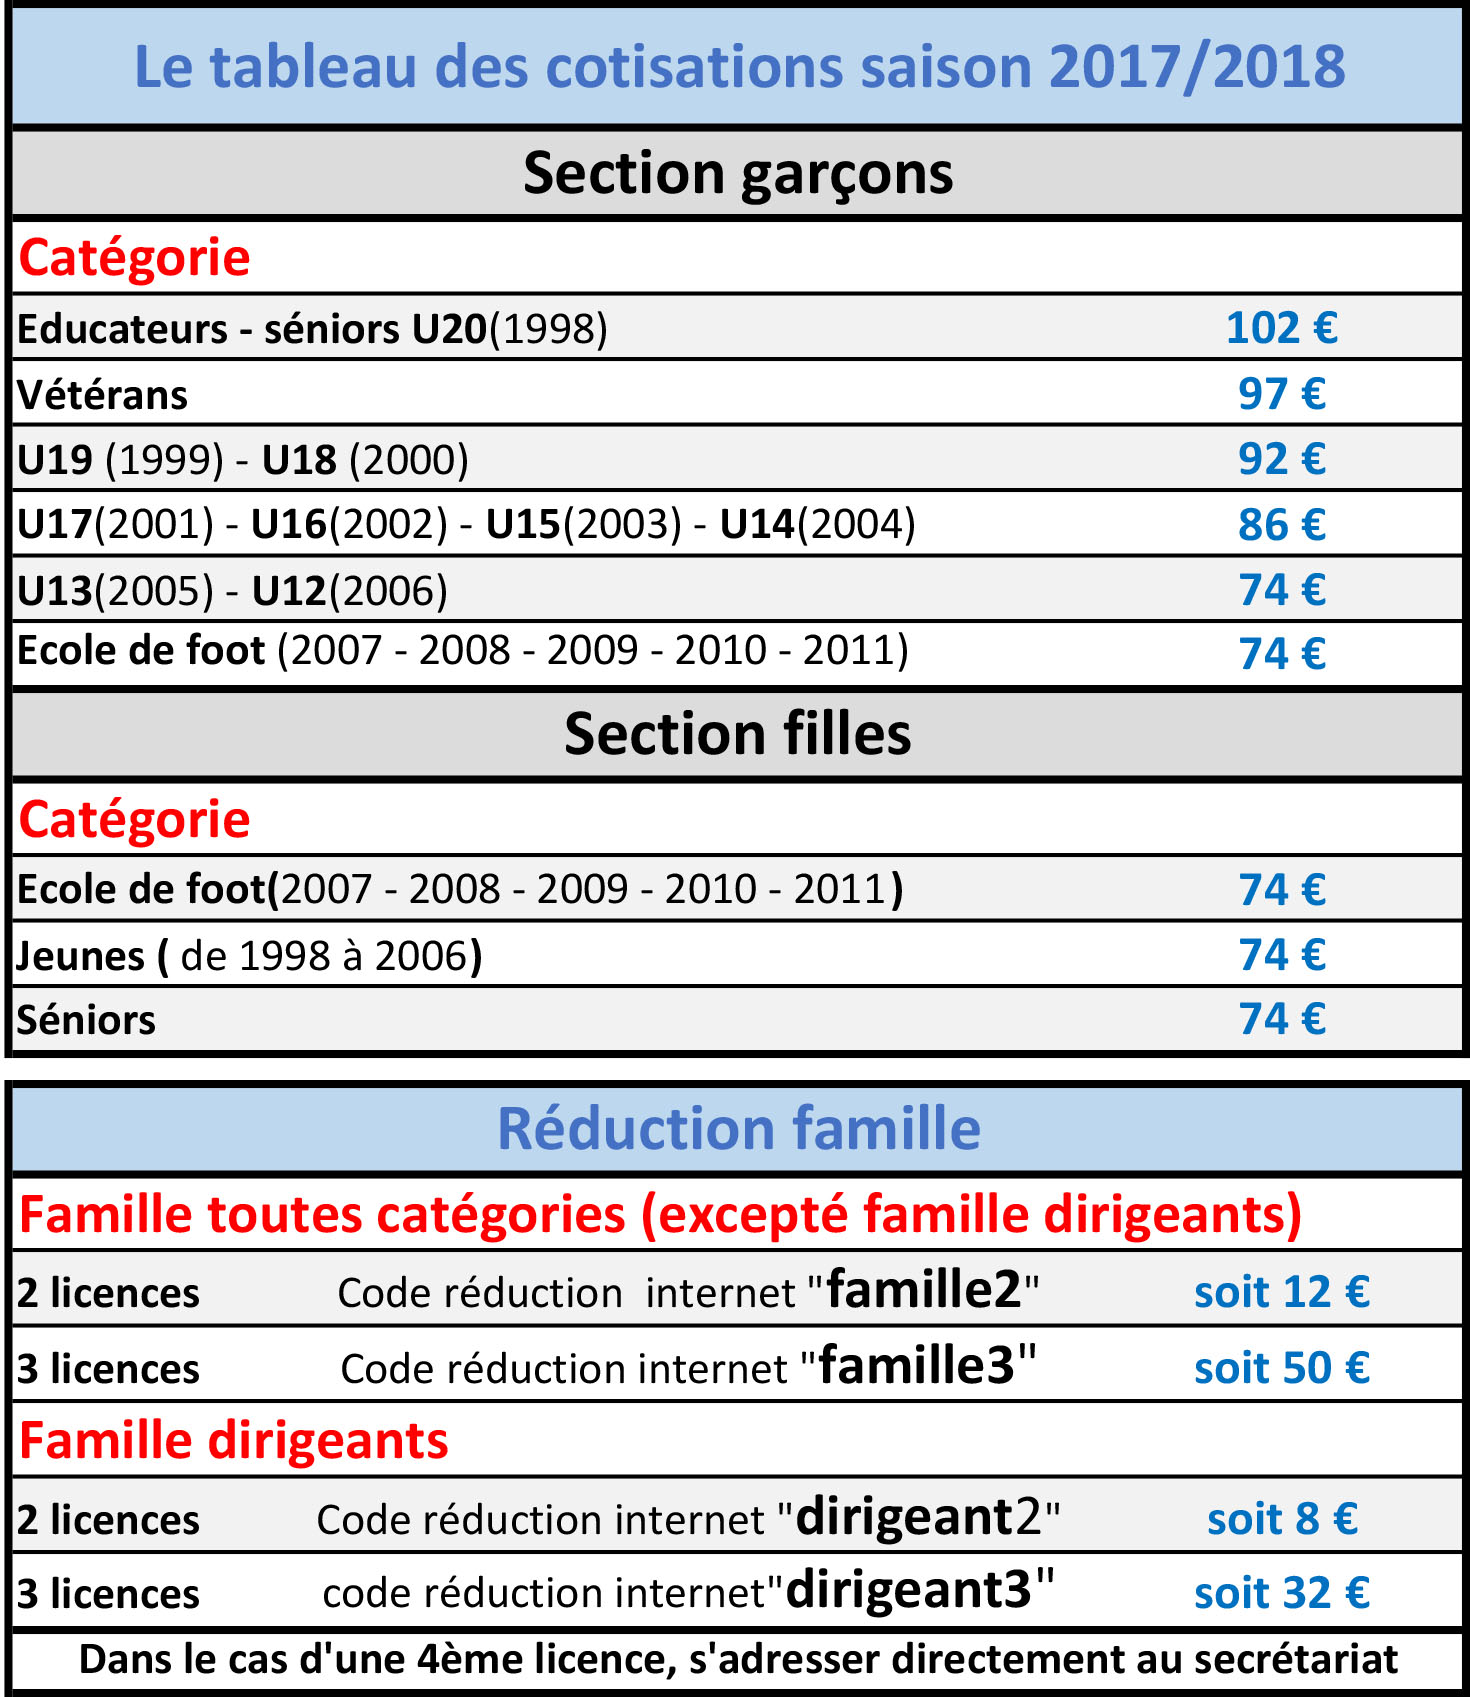 (Cotisations et réduction 2017 - 2018) v4.jpg